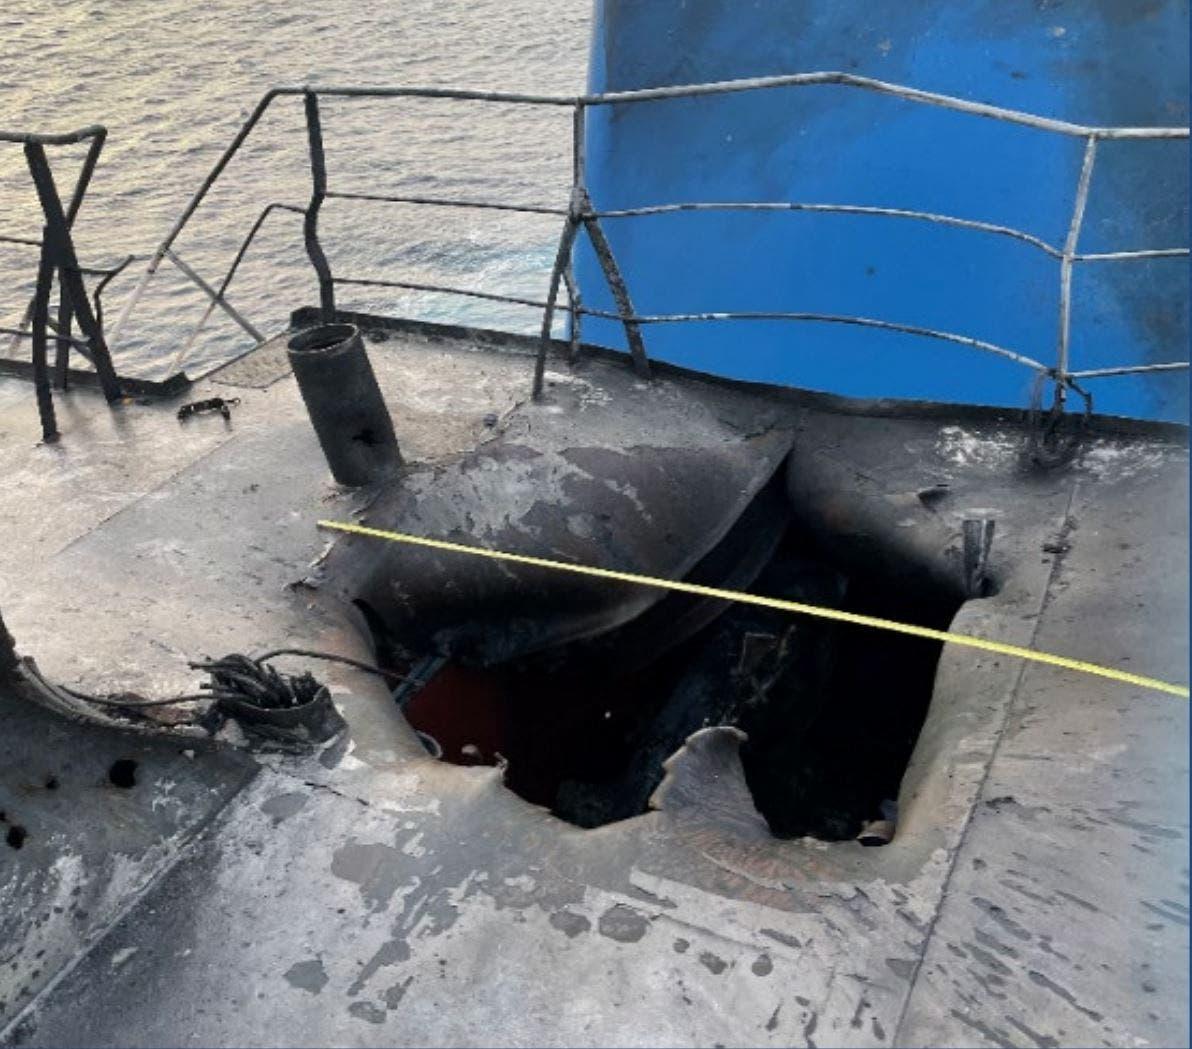 """أضرار لحقت بالناقلة """"ميرسر ستريت"""" إثر الهجوم عليها في نهاية يوليو في بحر العرب (أرشيفية)"""